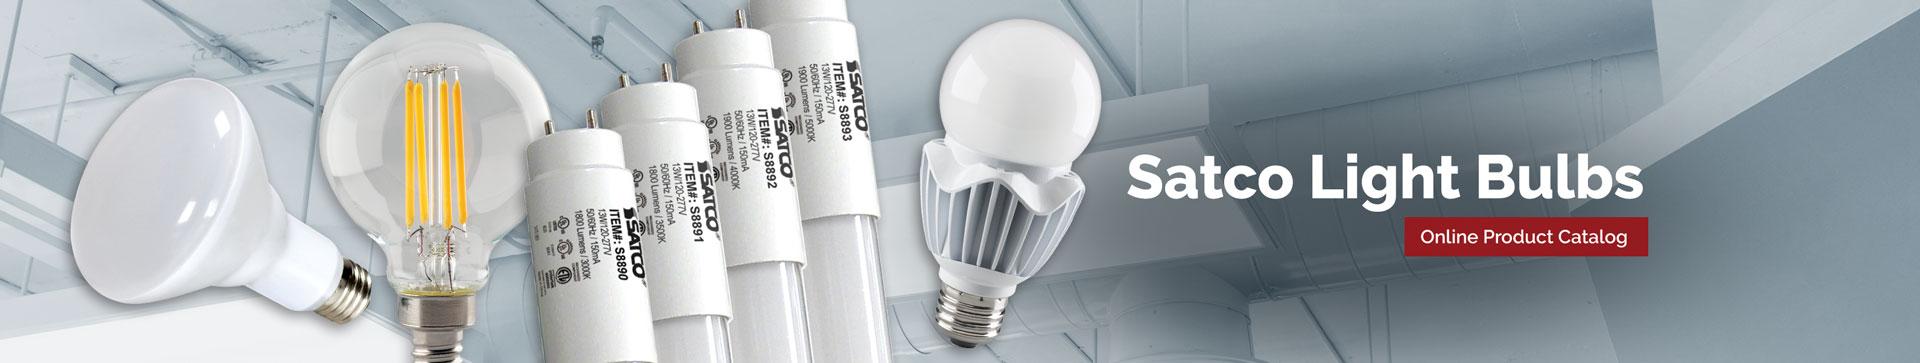 Satco Light Bulbs